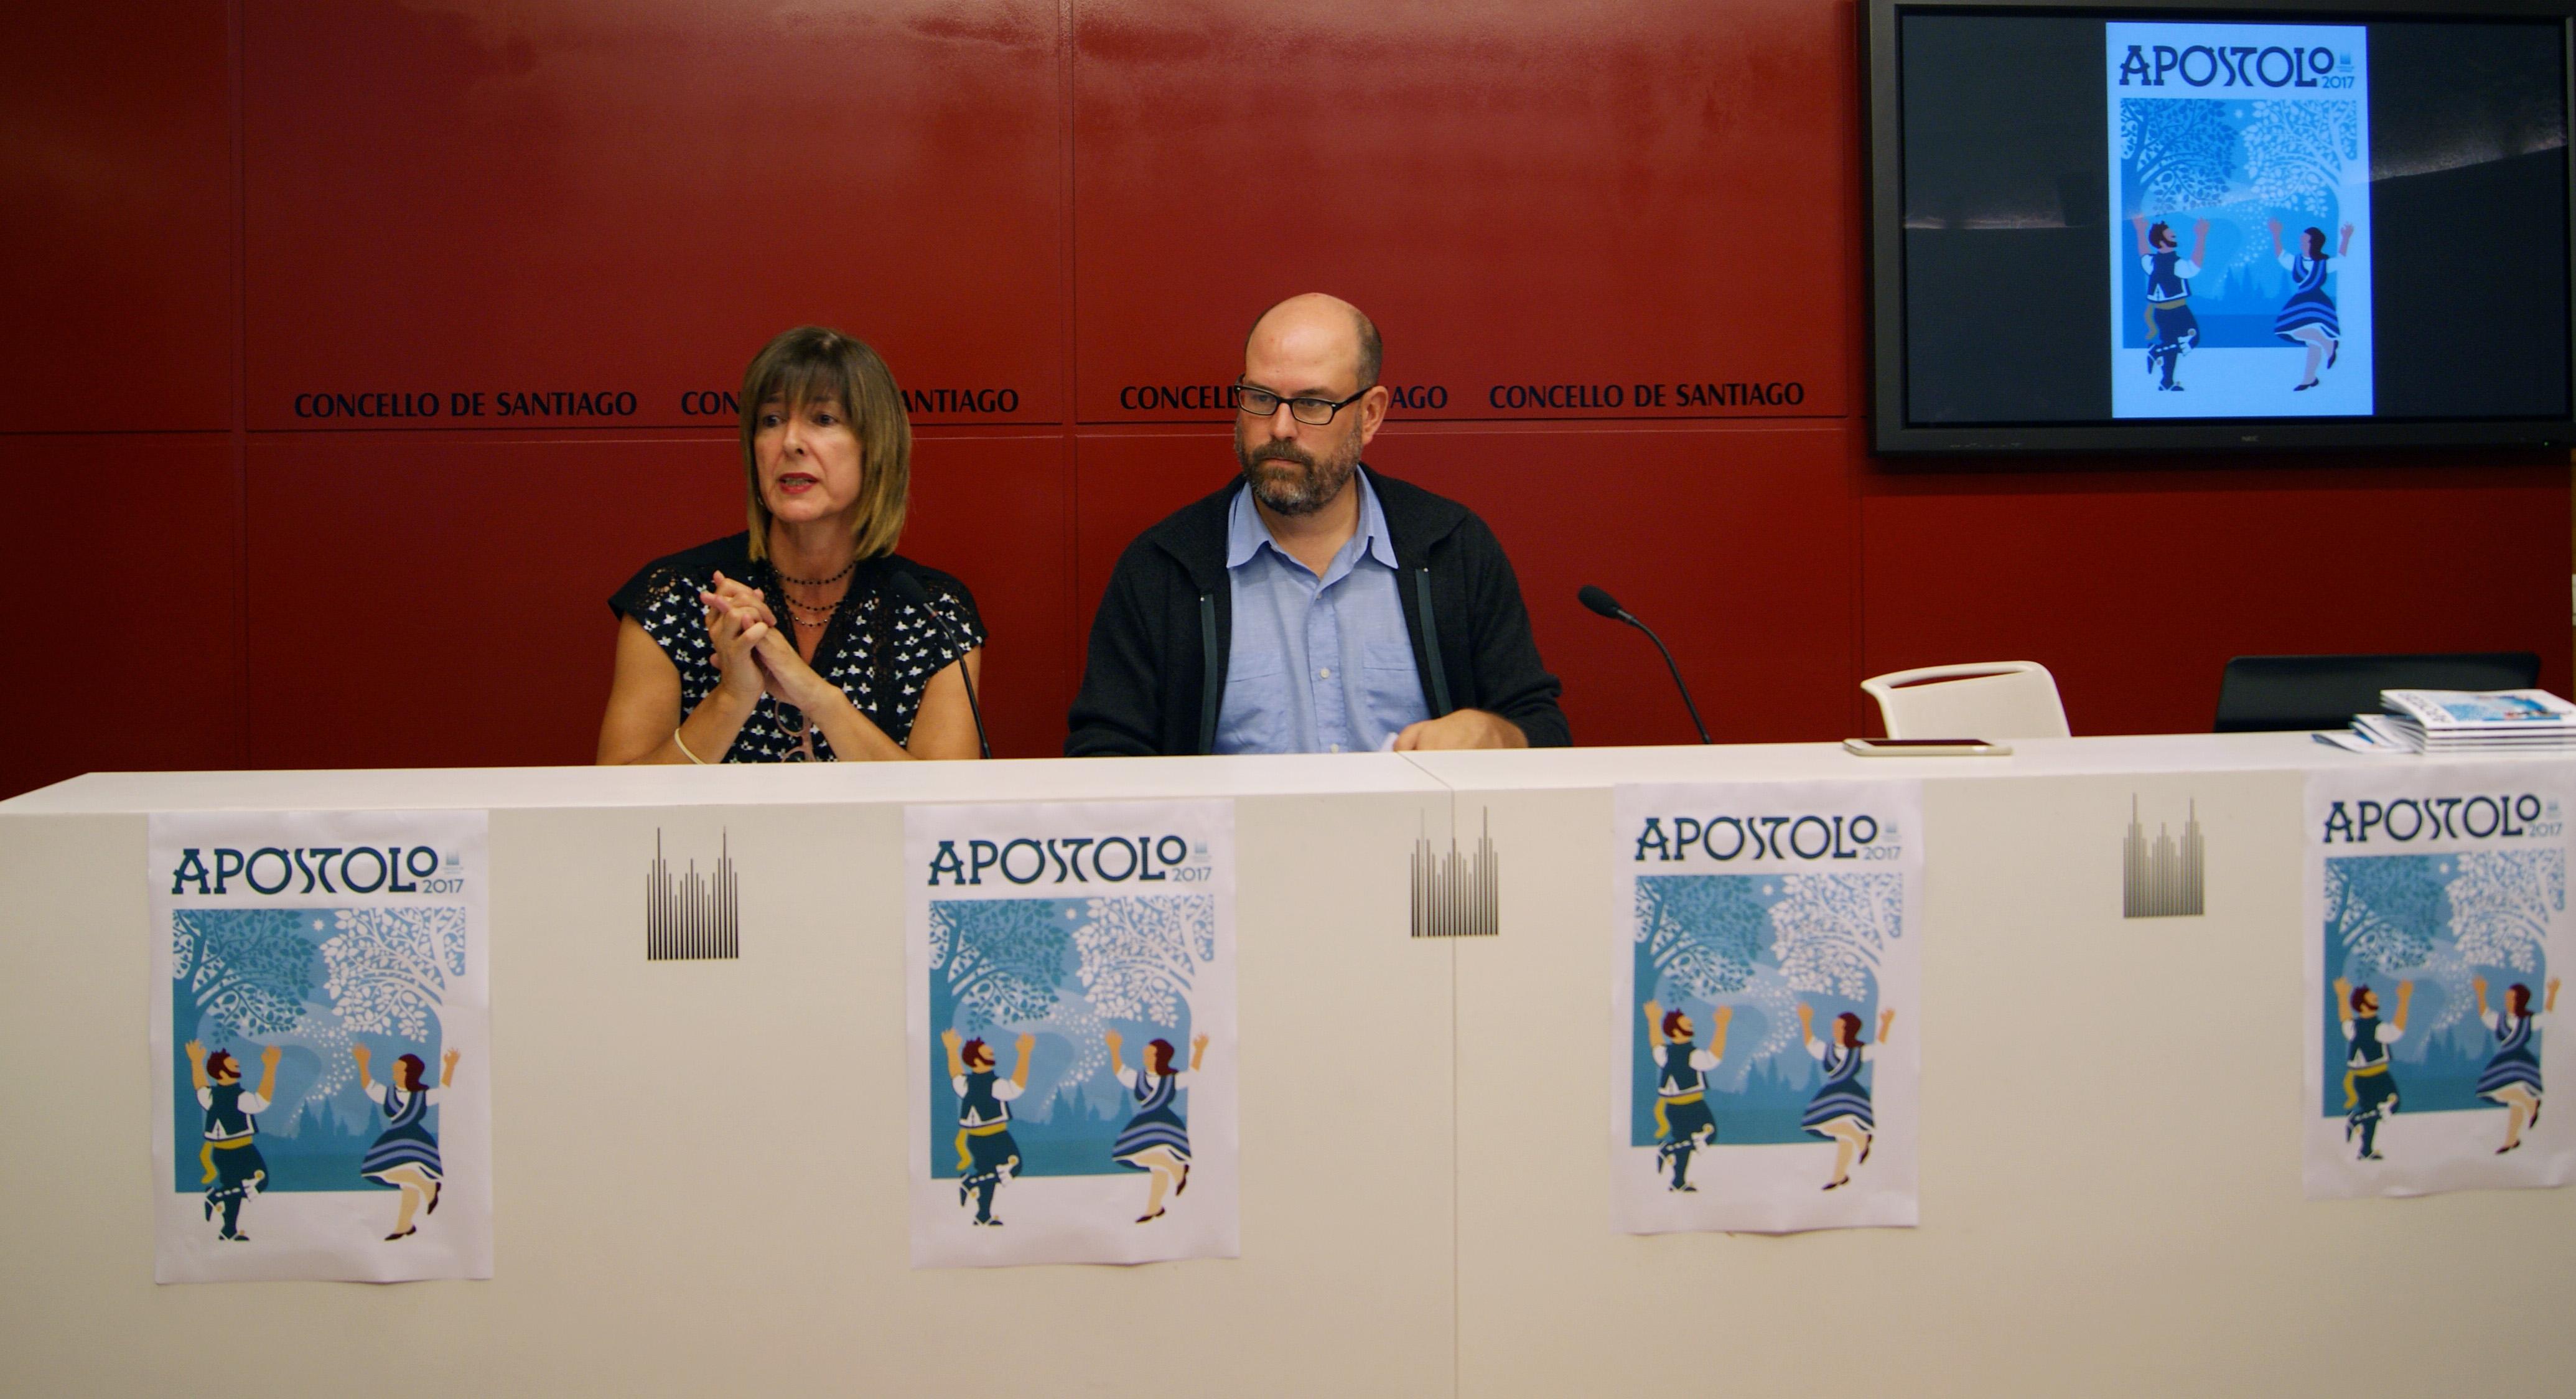 Montse Cillero e Martiño Noriega durante a presentación do programa.